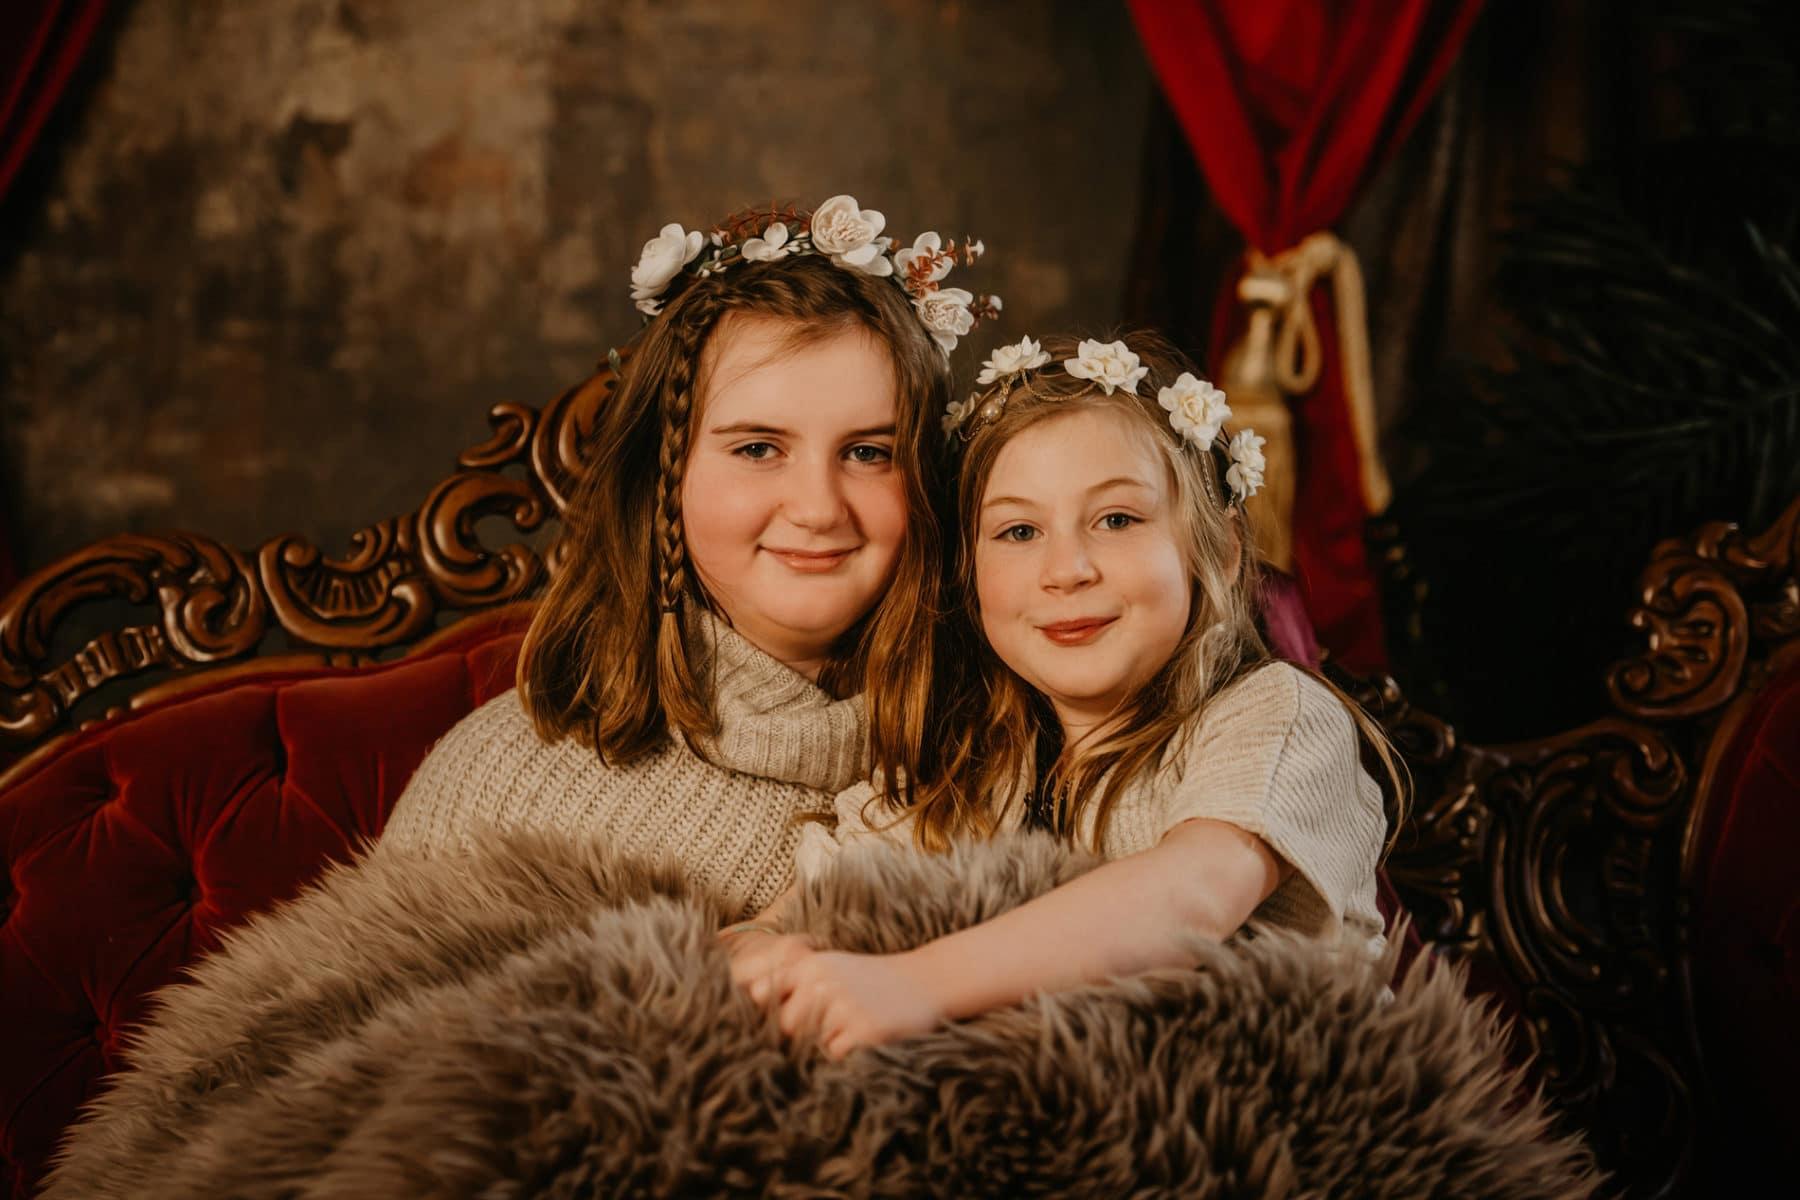 Sisters Renaissance Family Portraits